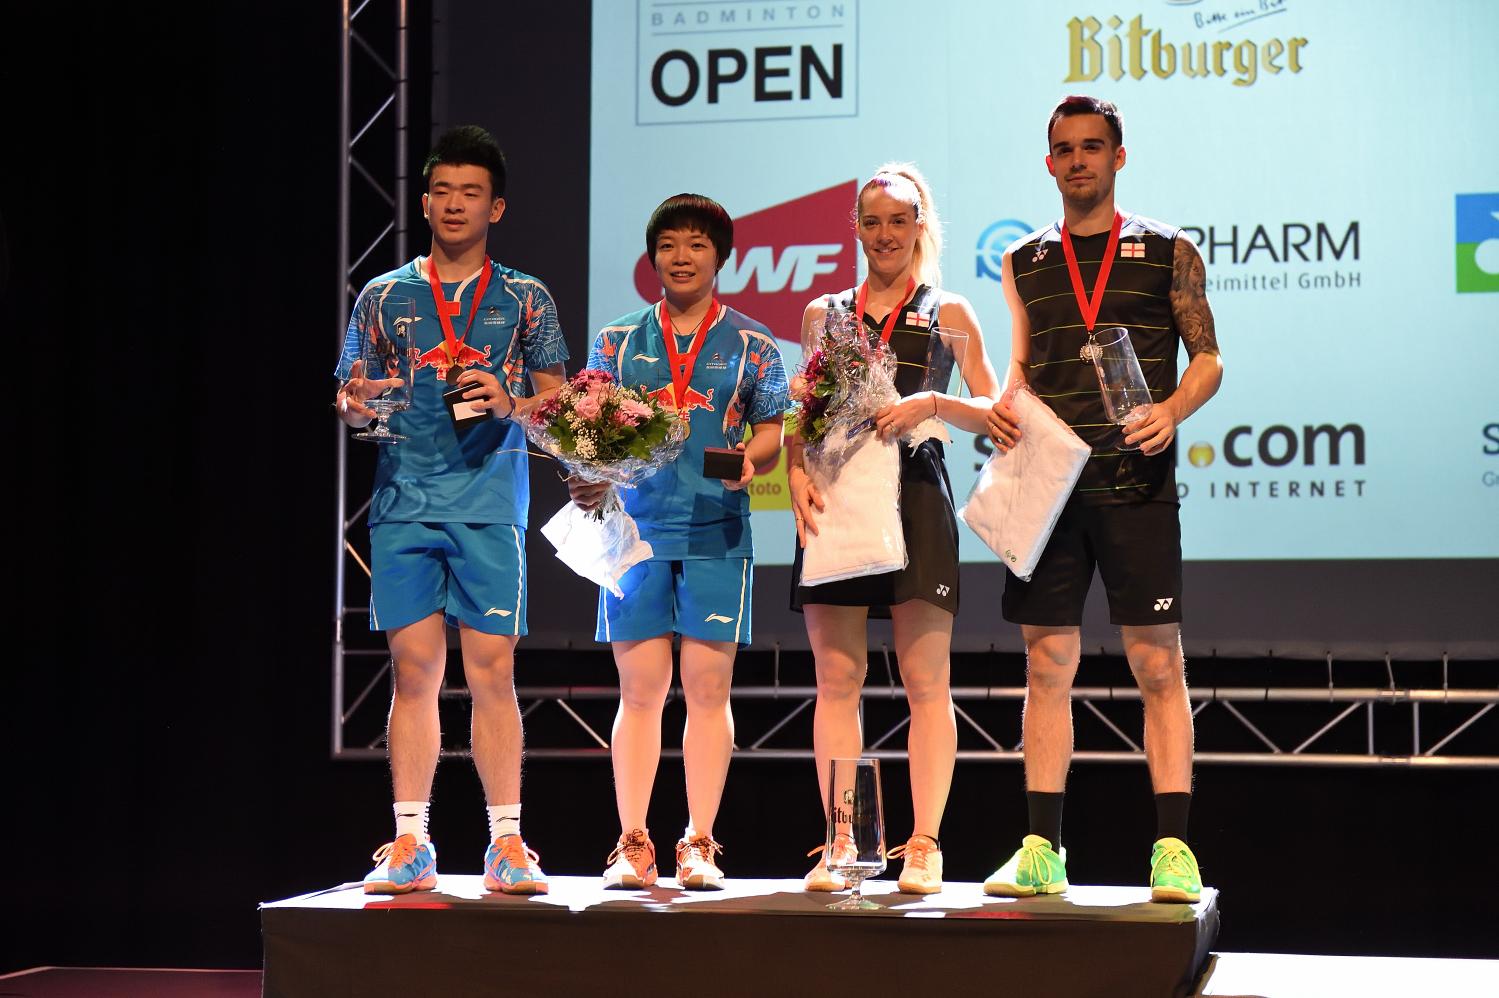 Auch im dritten Finale konnten Chris und Gaby Adcock nicht ihren ersten Sieg in Saarbrücken feiern. Zhen Siwei und Chen Qingchen machten den Tag aus chinesischer Sicht perfekt